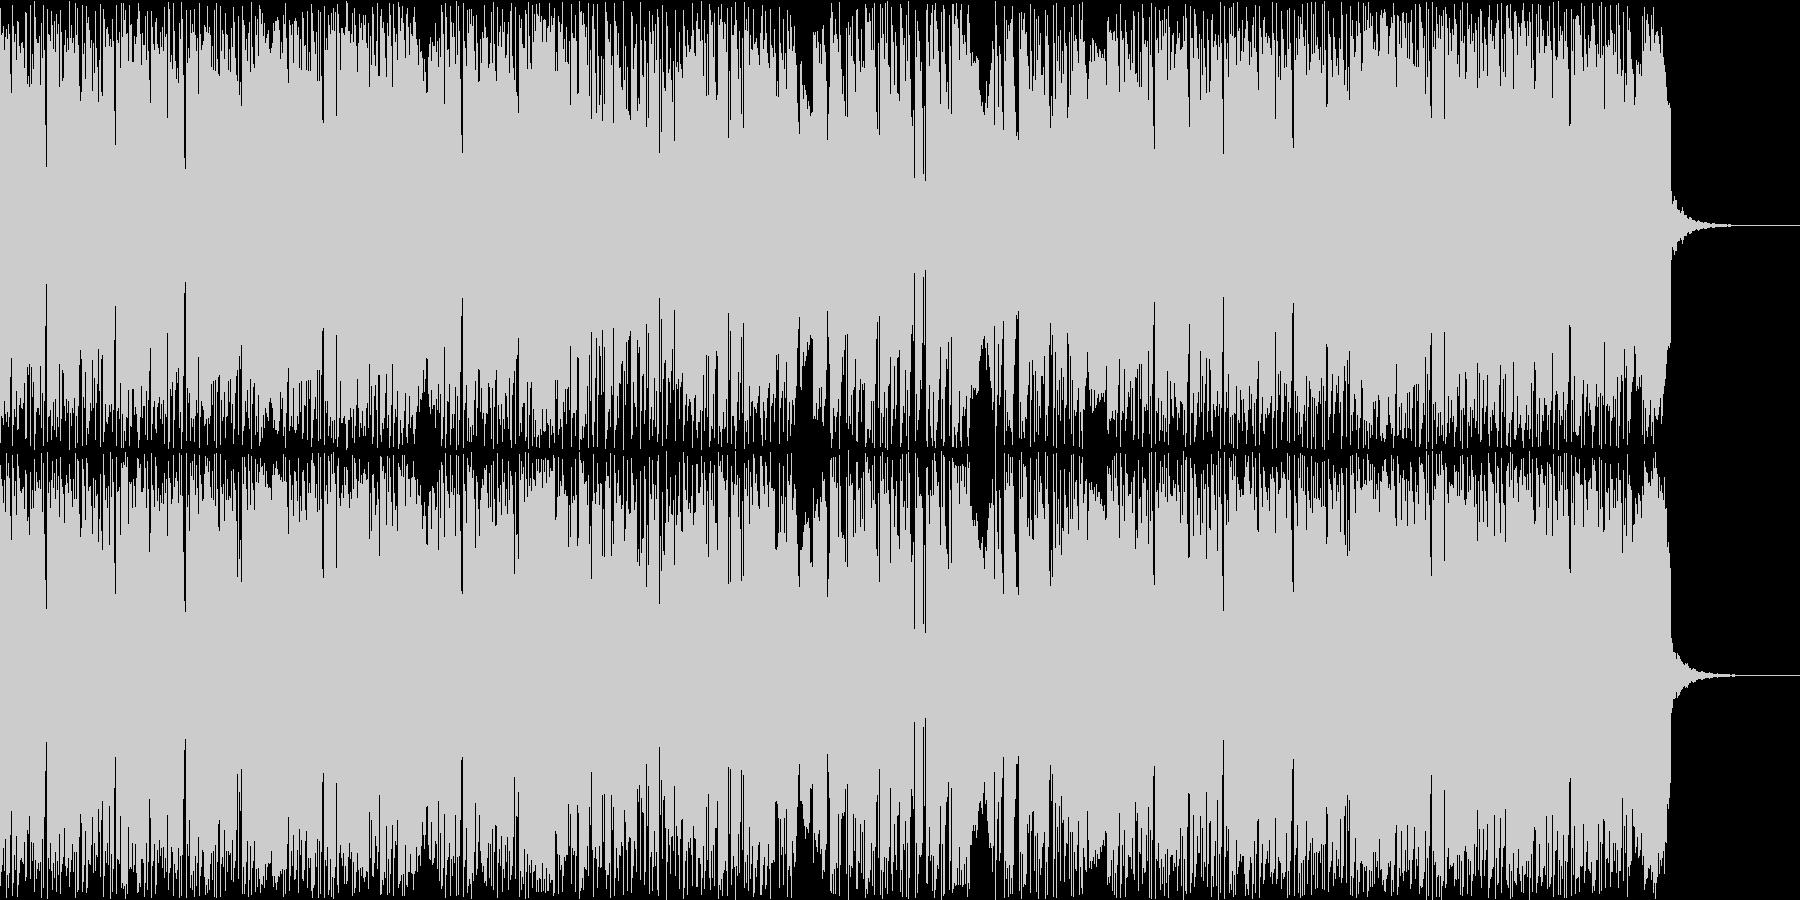 スタイリッシュでモダンなヒップホップの未再生の波形